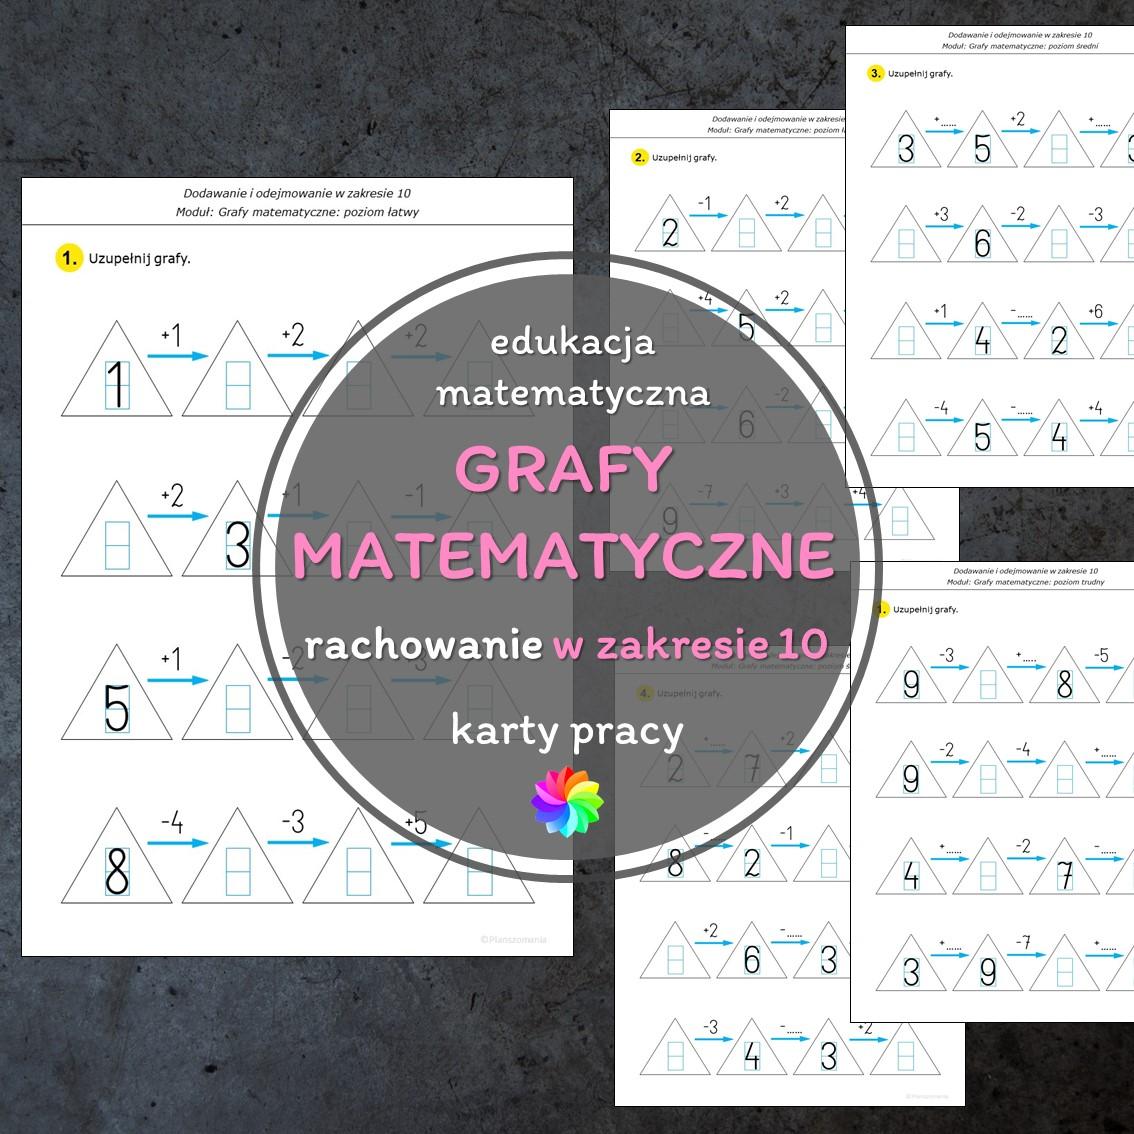 grafy matematyczne dodawanie i odejmowanie karty pracy edukacja matematyczna pomoce edukacyjne szkoła podstawowa pdf do druku